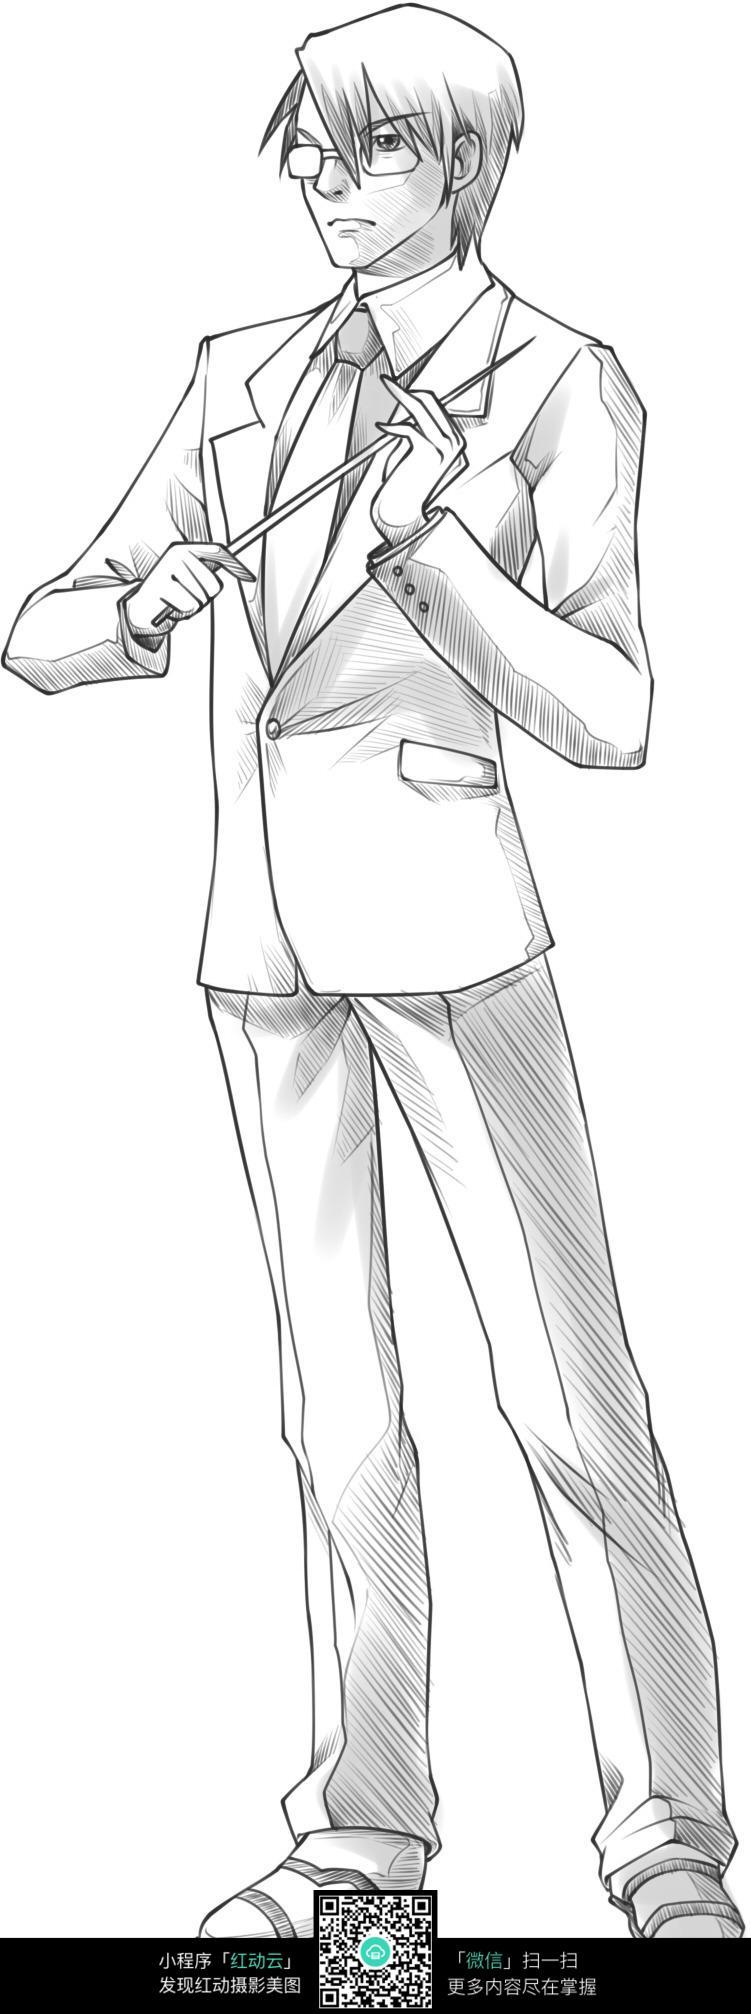 日本教授男人线稿_人物卡通图片